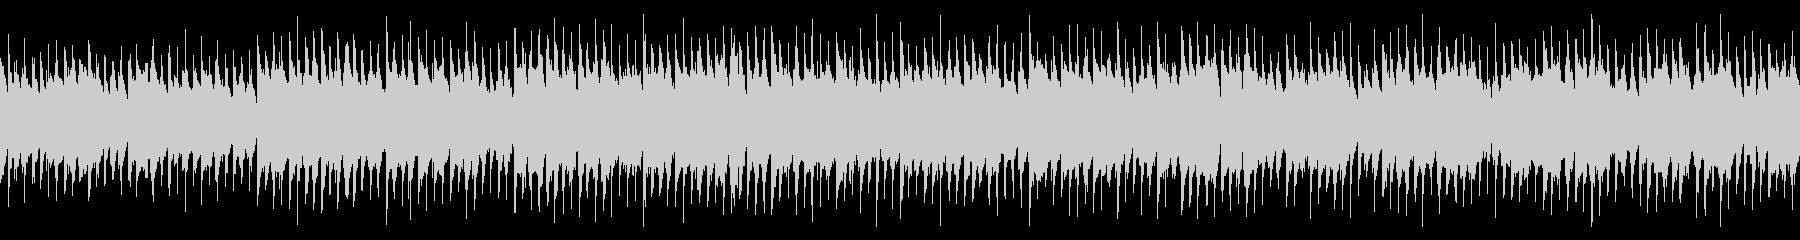 【ループ】アップテンポなアコースティックの未再生の波形